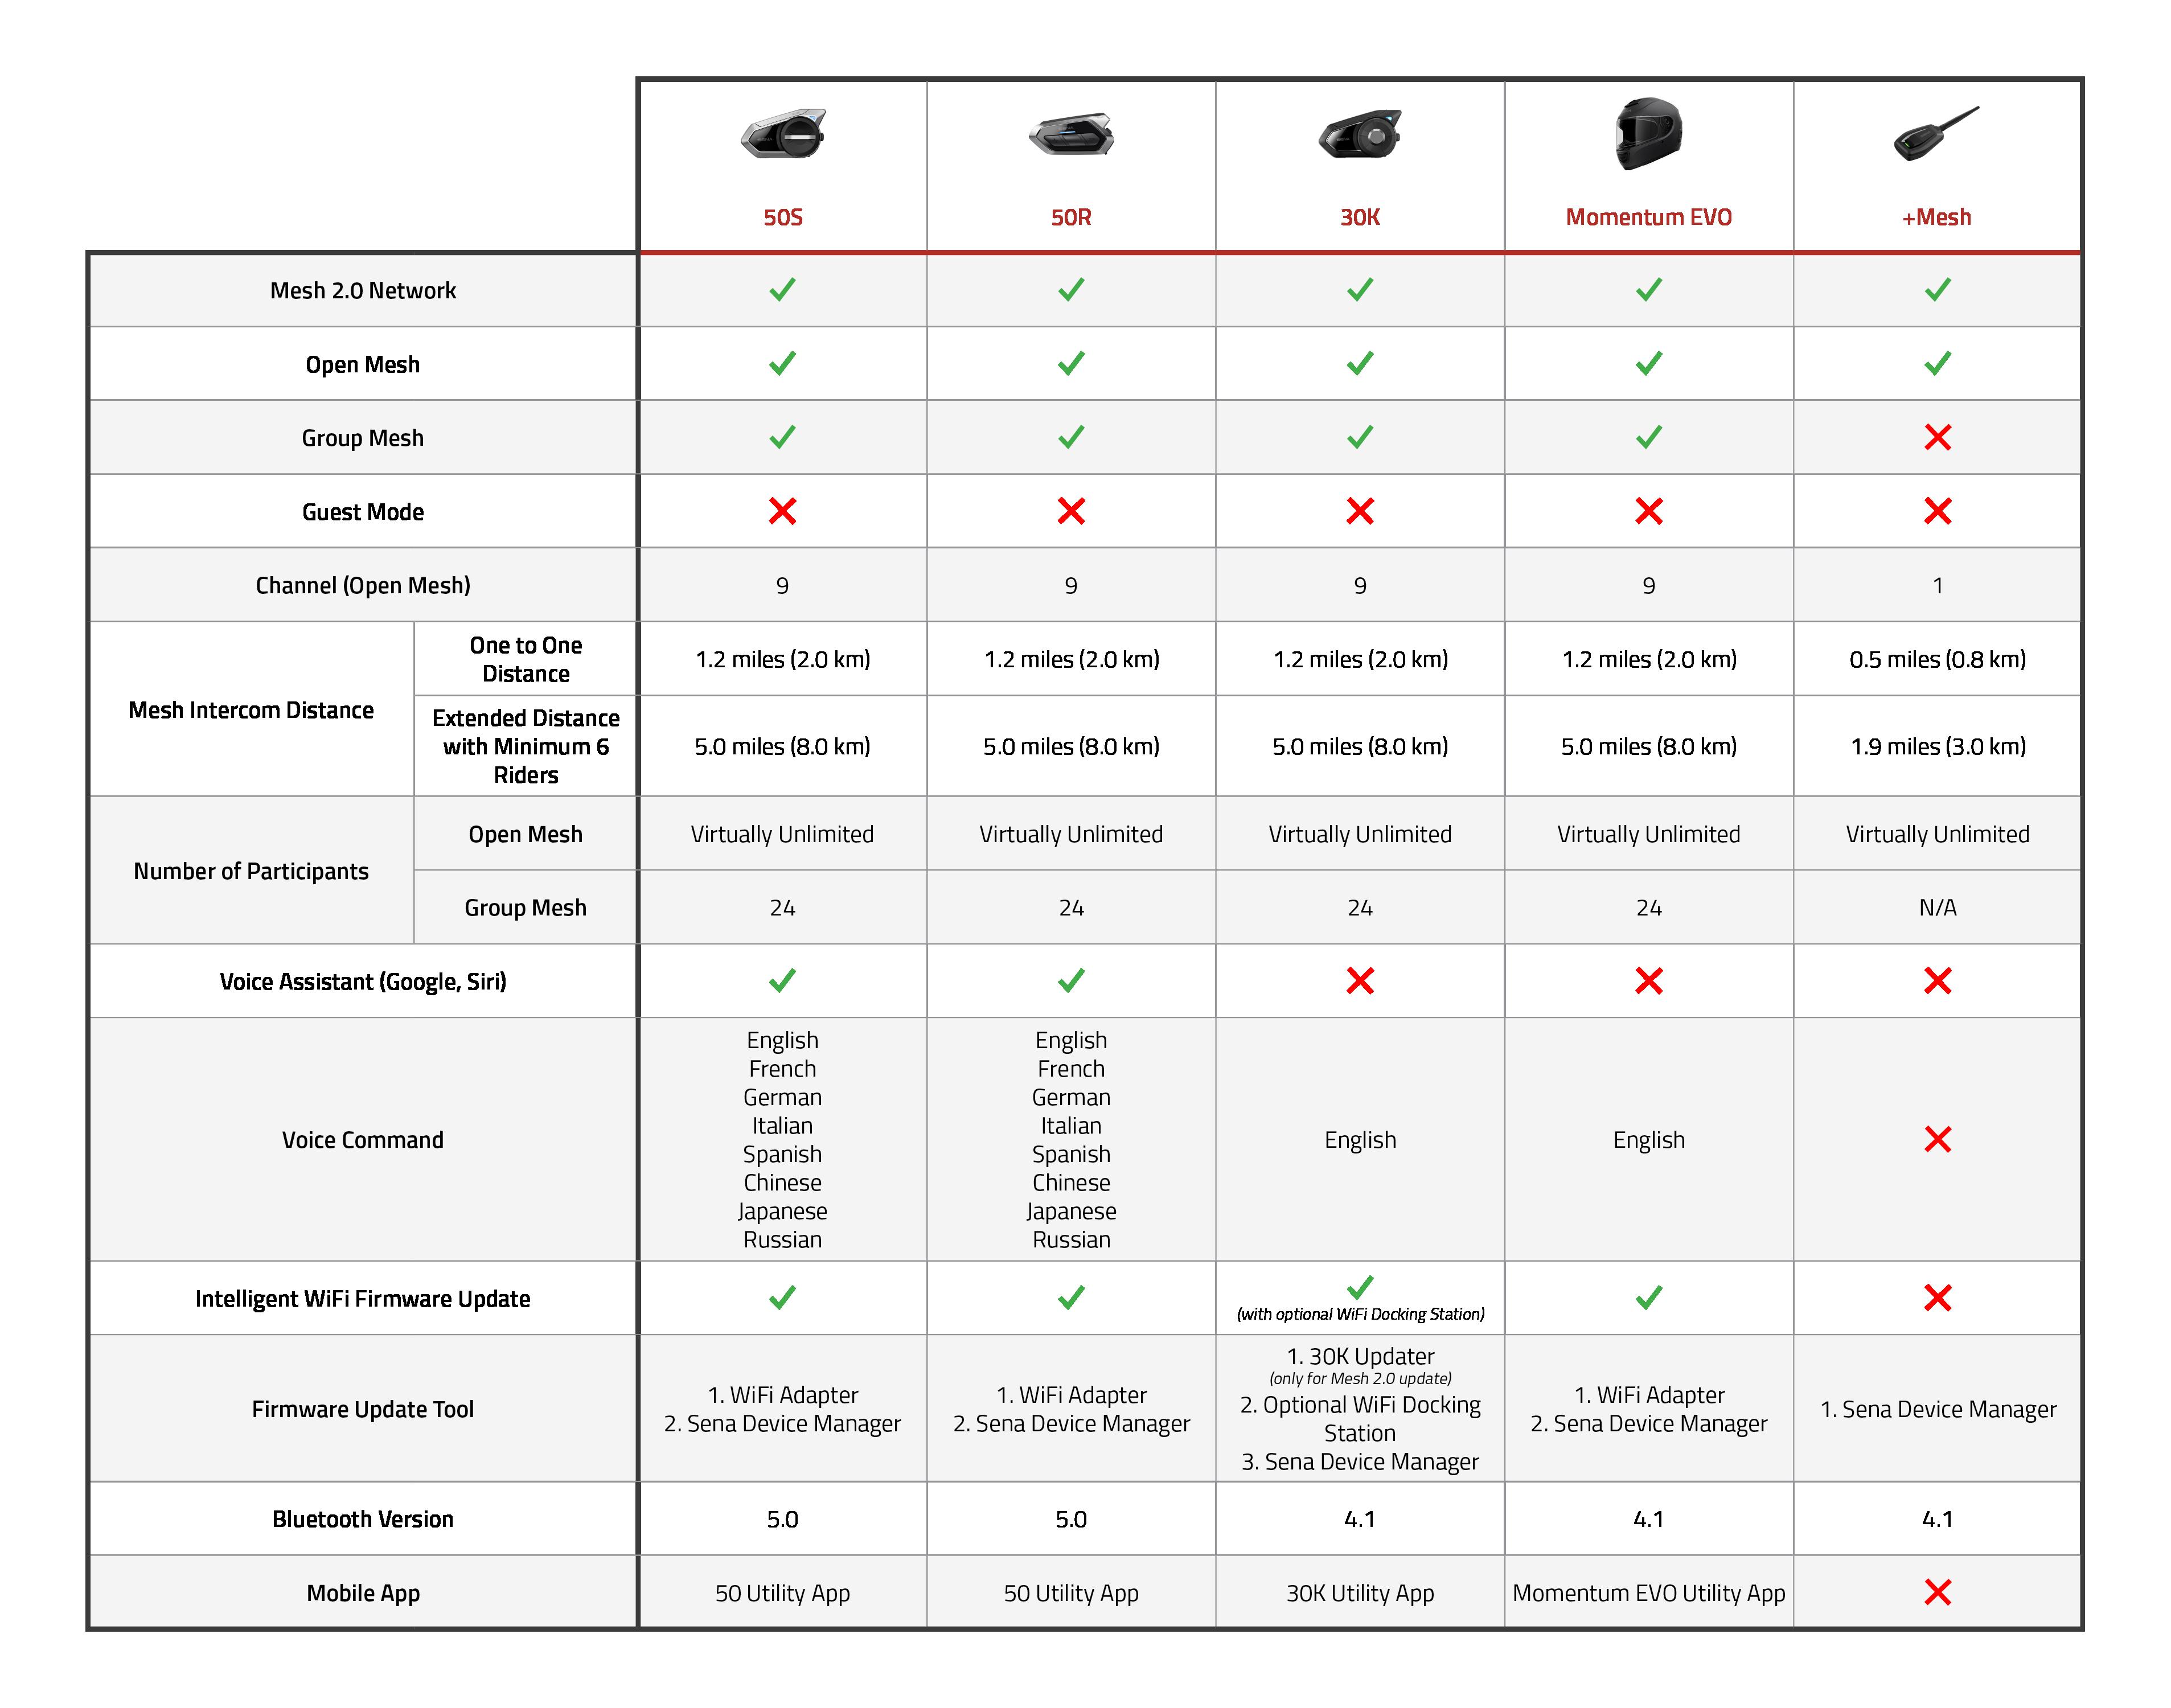 Sena-Mesh2-comparison-chart